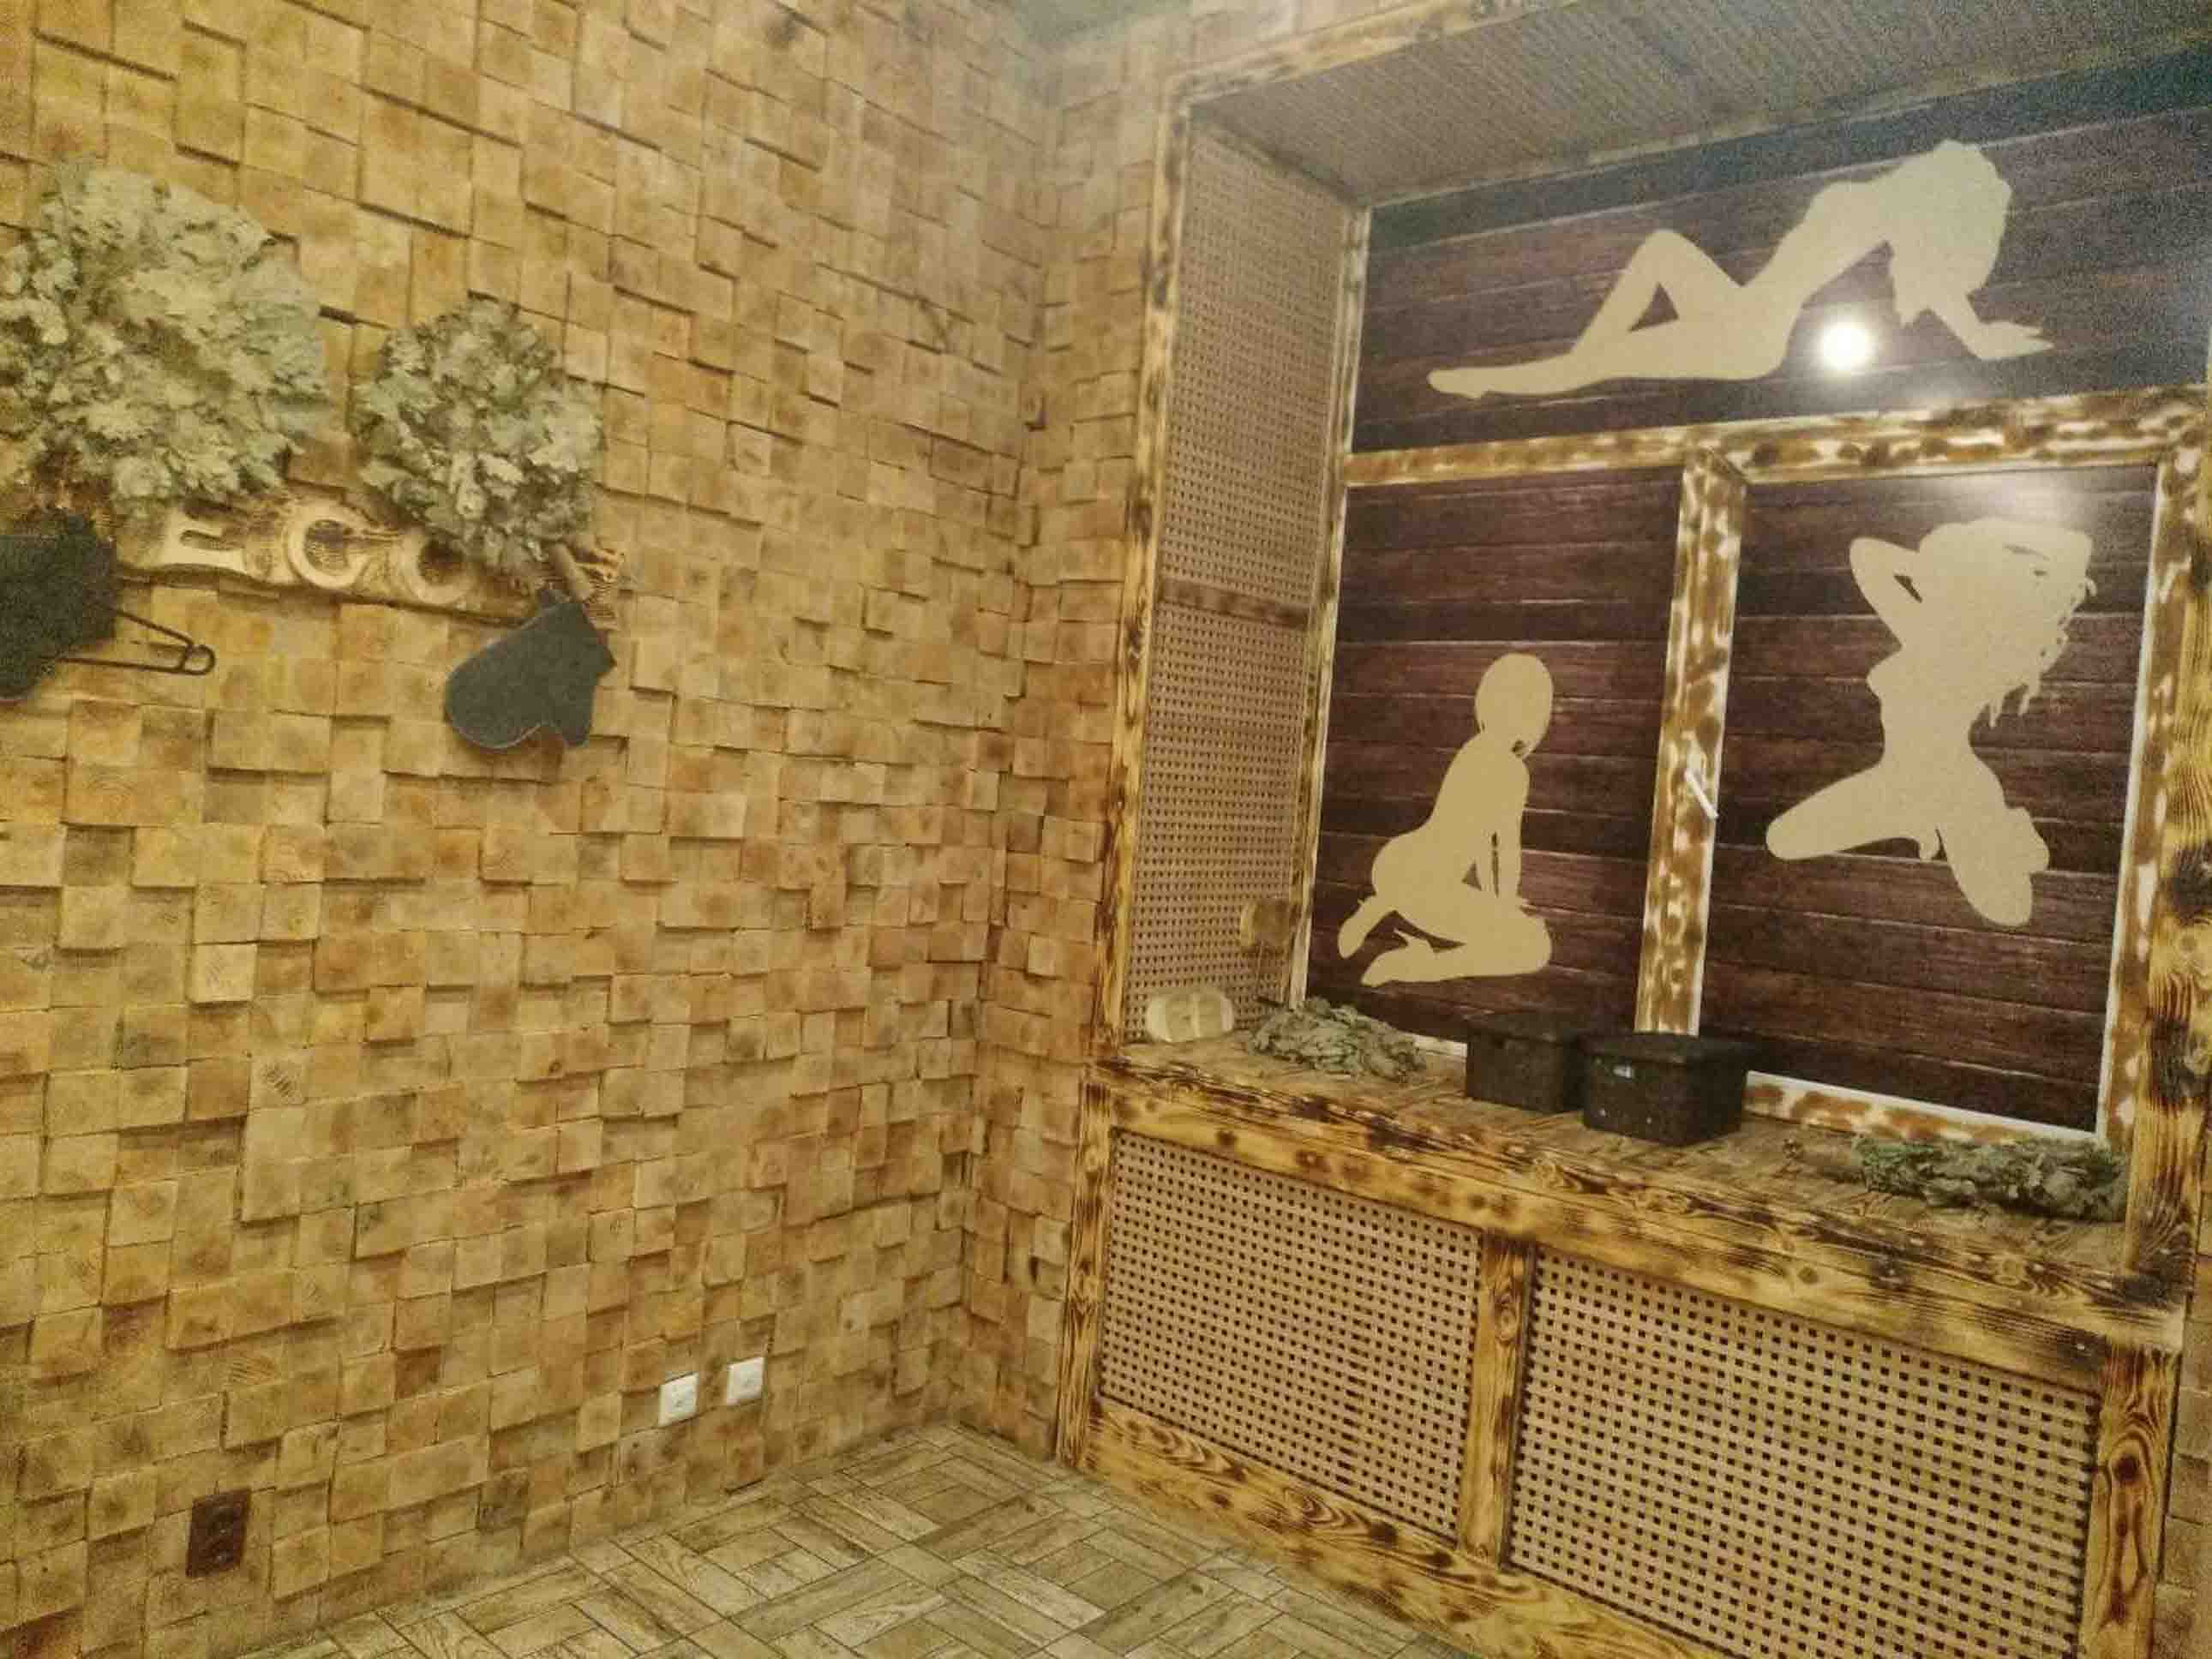 Баня, сауна, хаммам в Харькове. Ego Studio фото 2